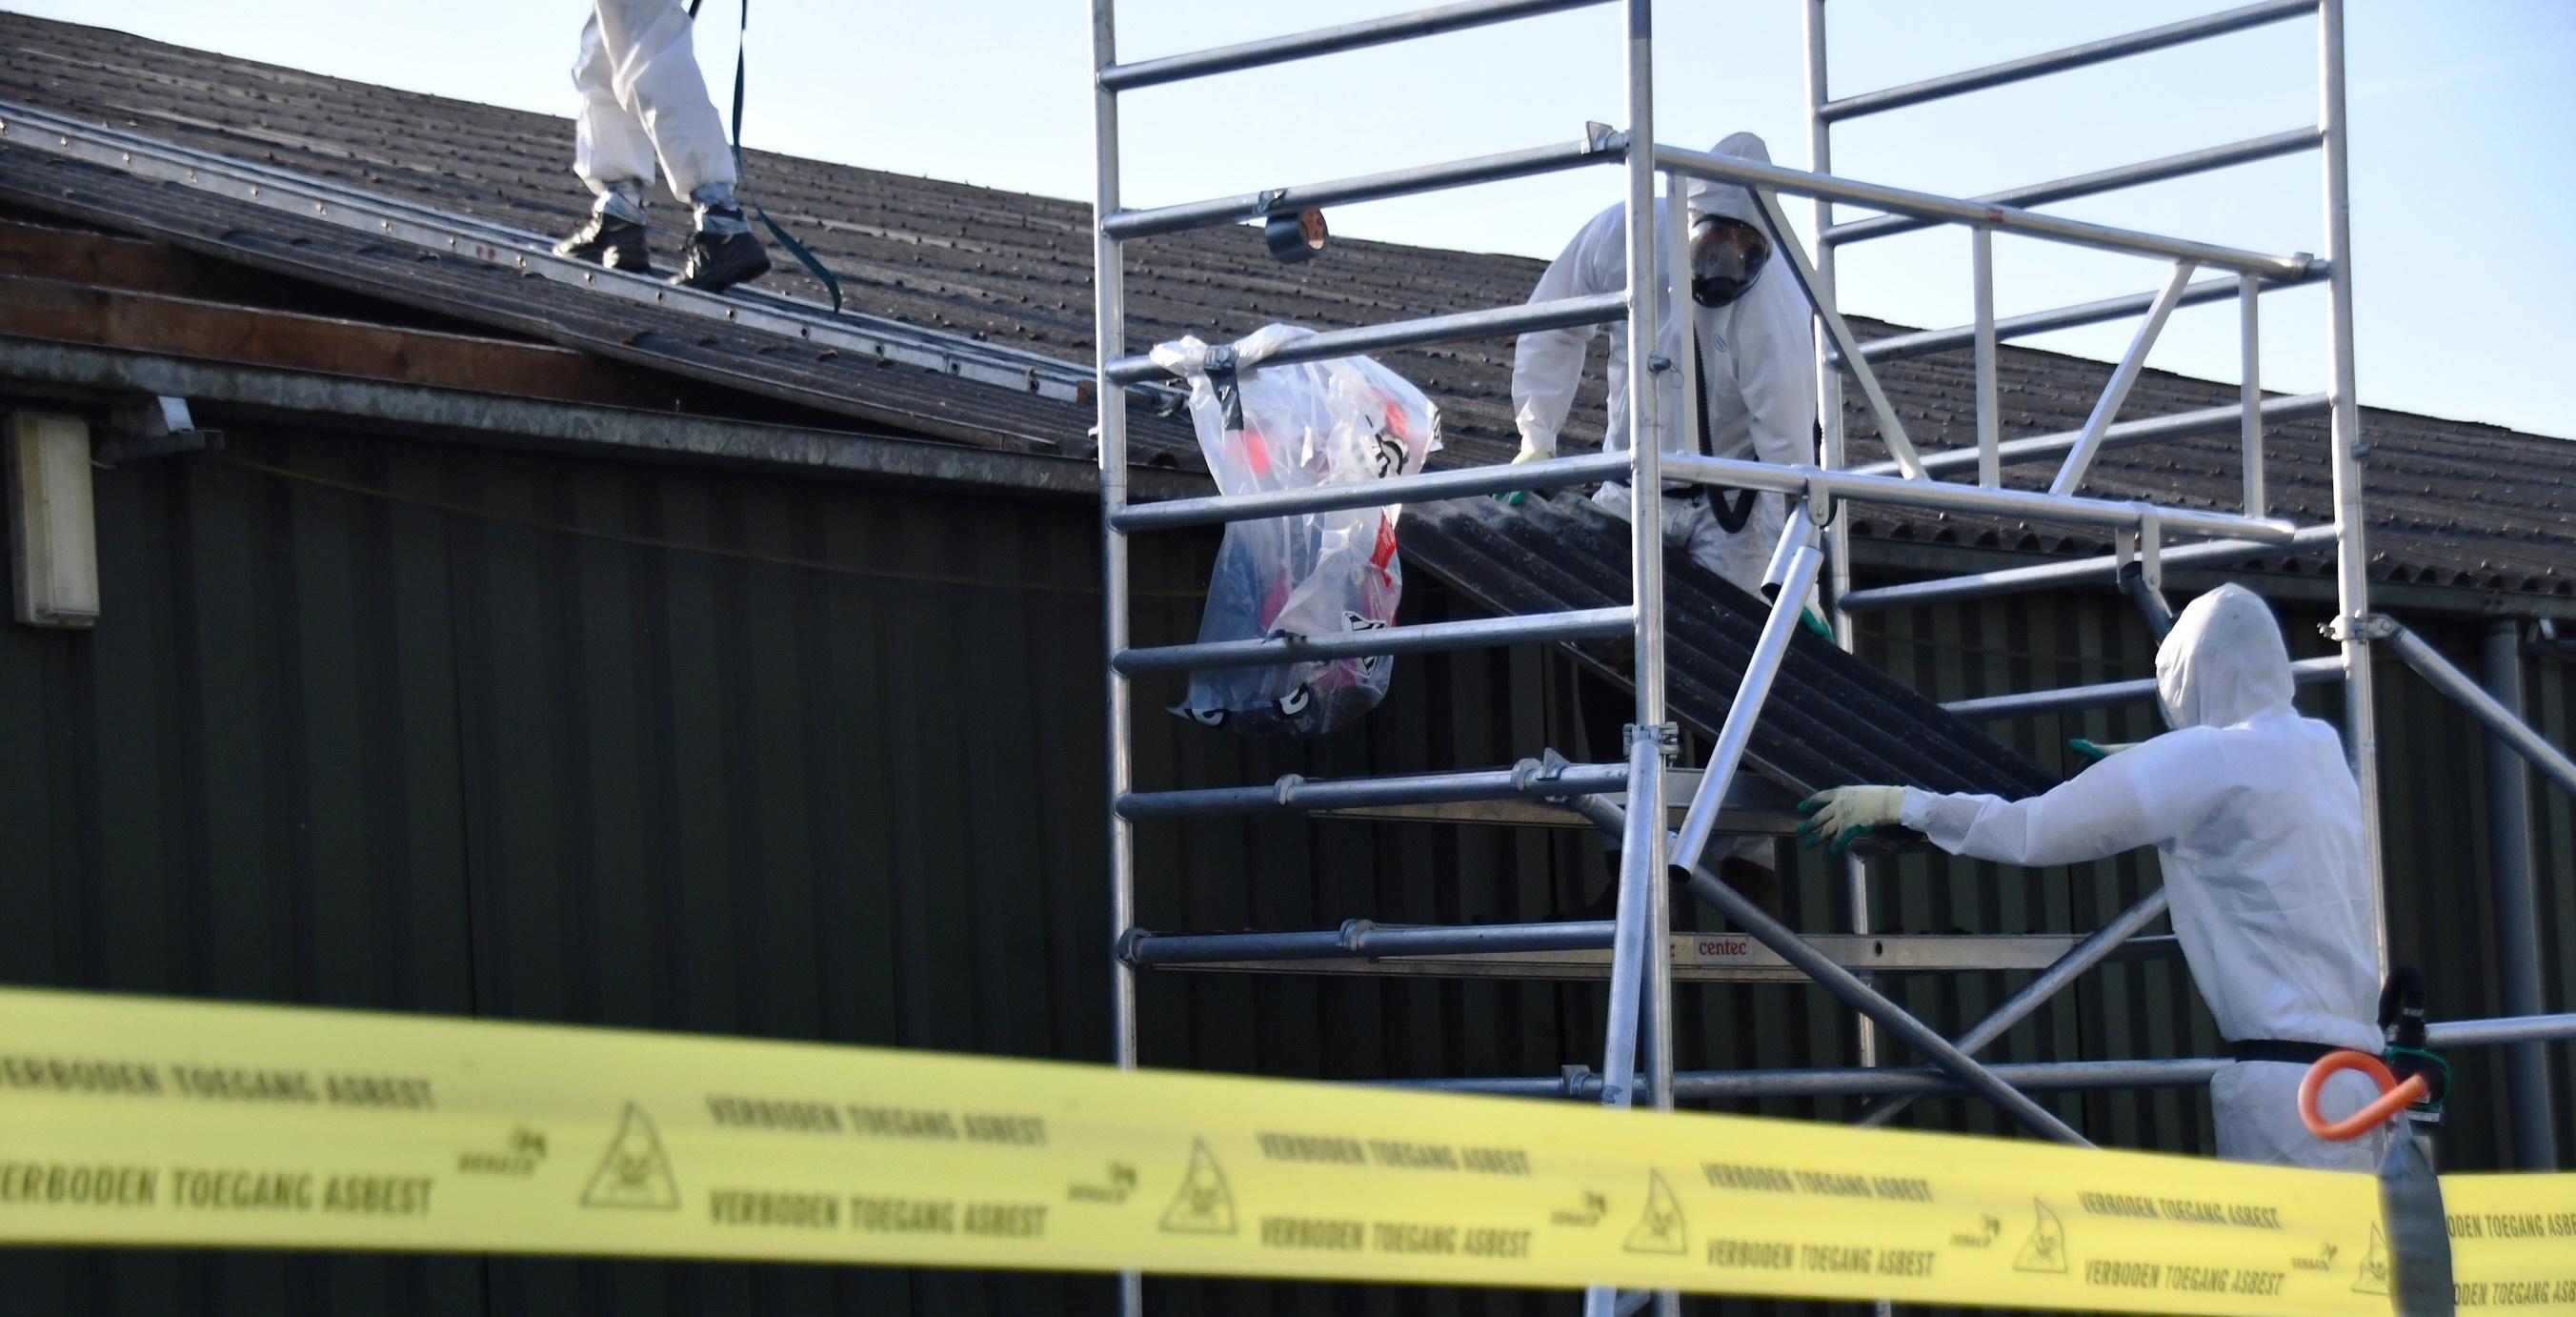 Flory asbestverwijdering saneert asbest golfplaten dak